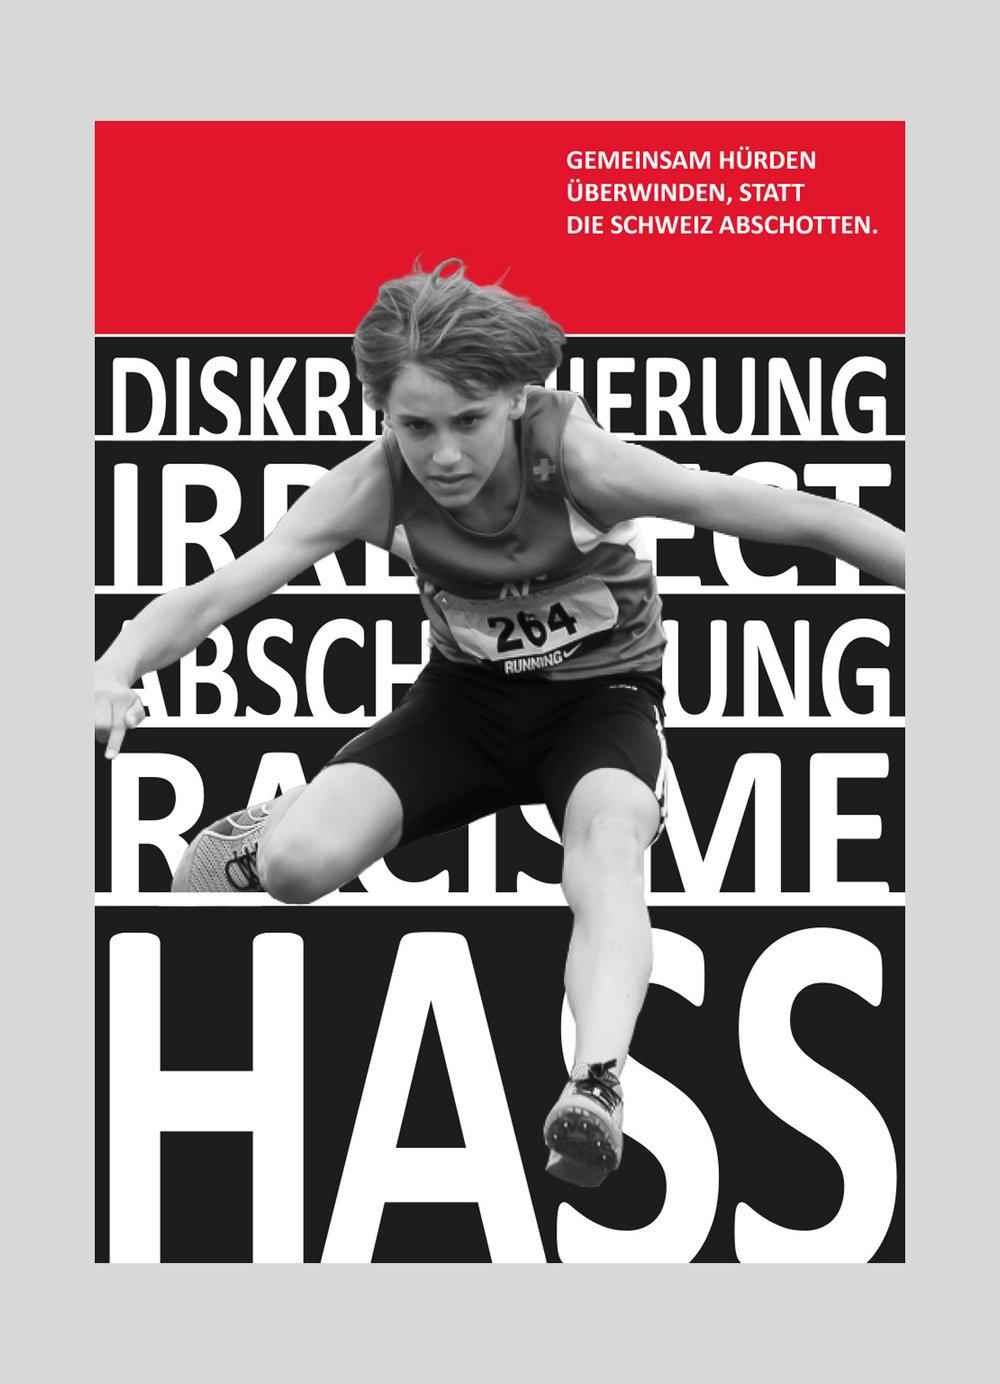 Jugendkomitee – Hürden überwinden | 2016  Aktion «Barrieren überwinden», zum zweiten Jahrestag der Annahme der «Masseneinwanderungsinitiative».